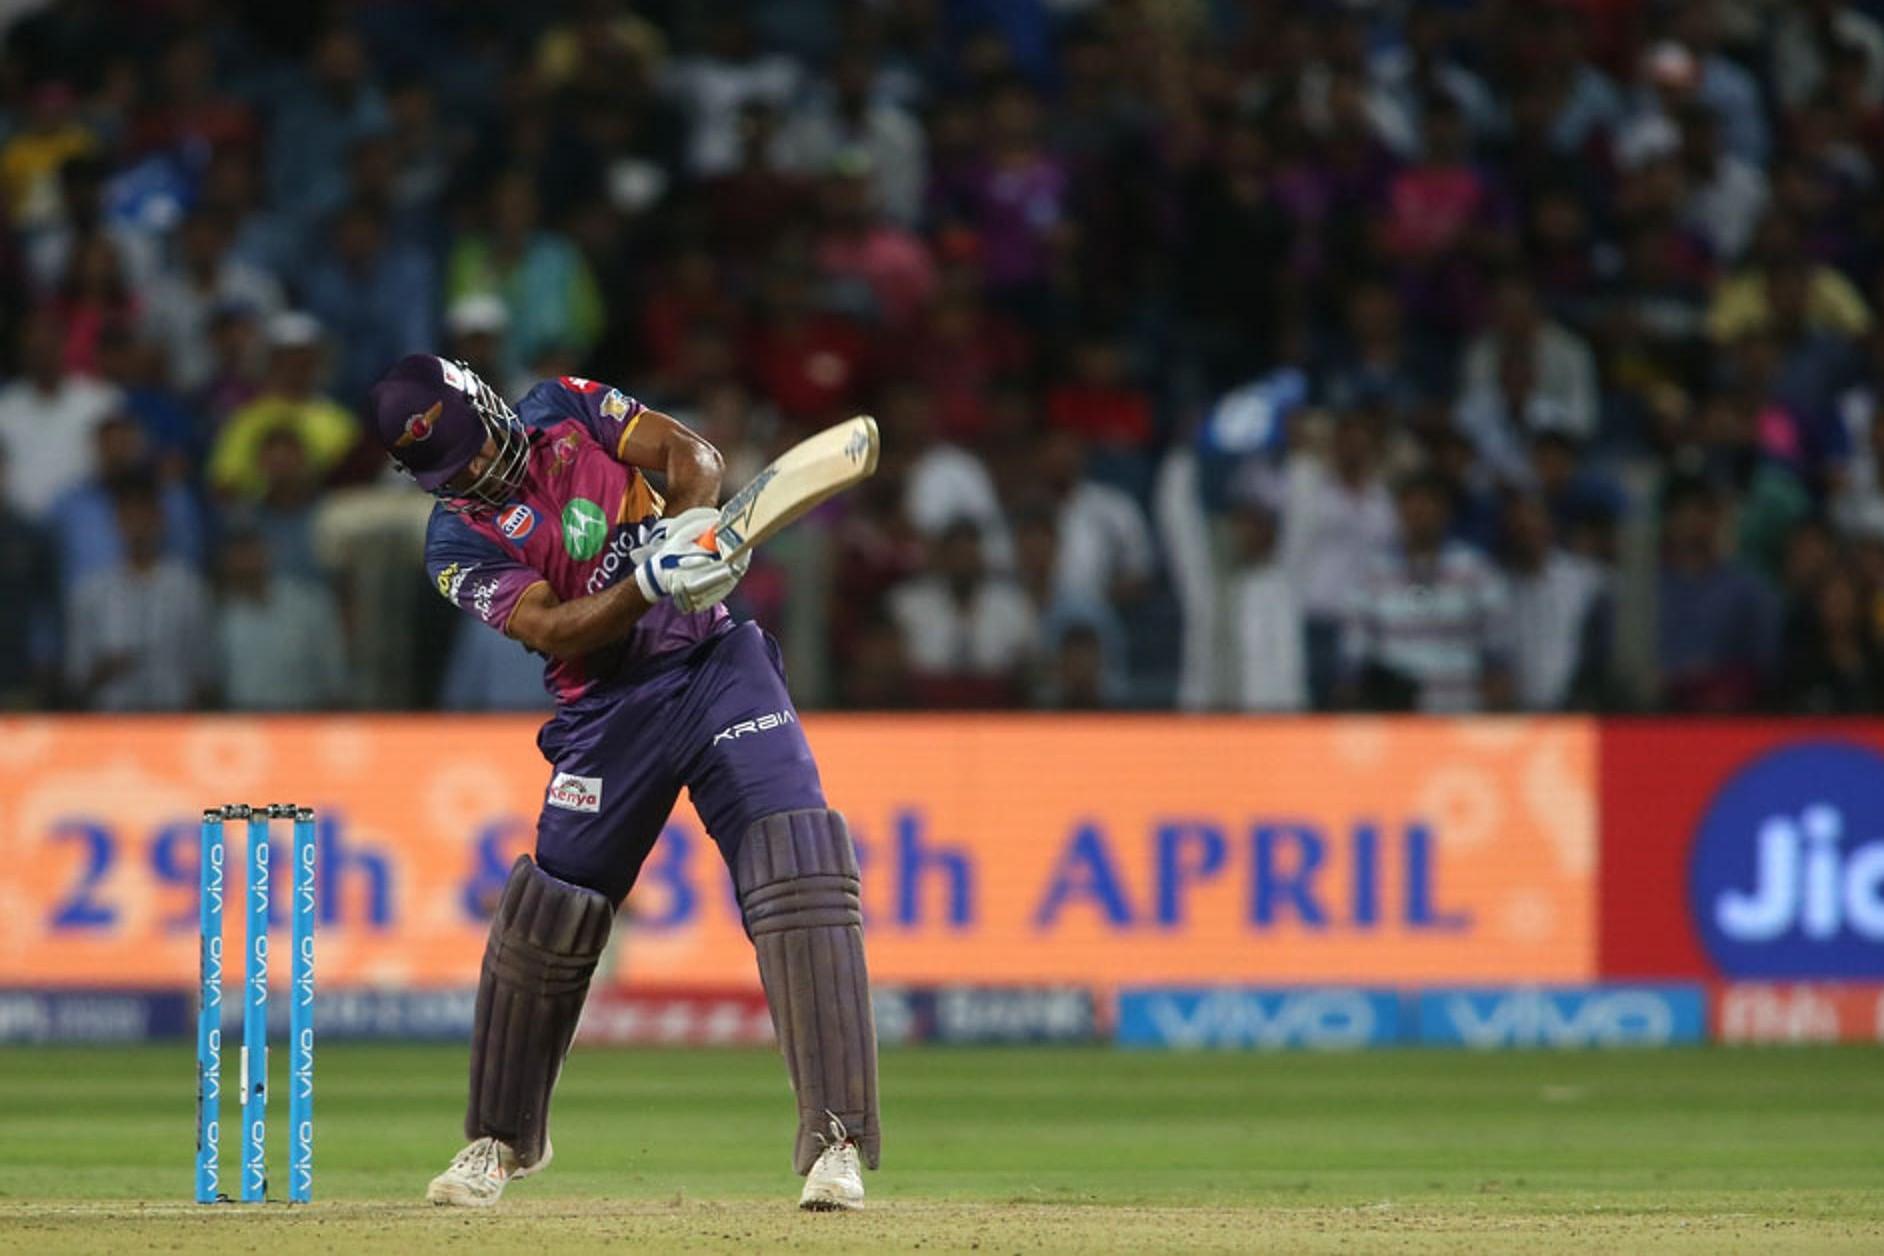 IPL10: पुणे बनाम हैदराबाद ये रहे मैच के 5 बड़े निर्णायक क्षण 1